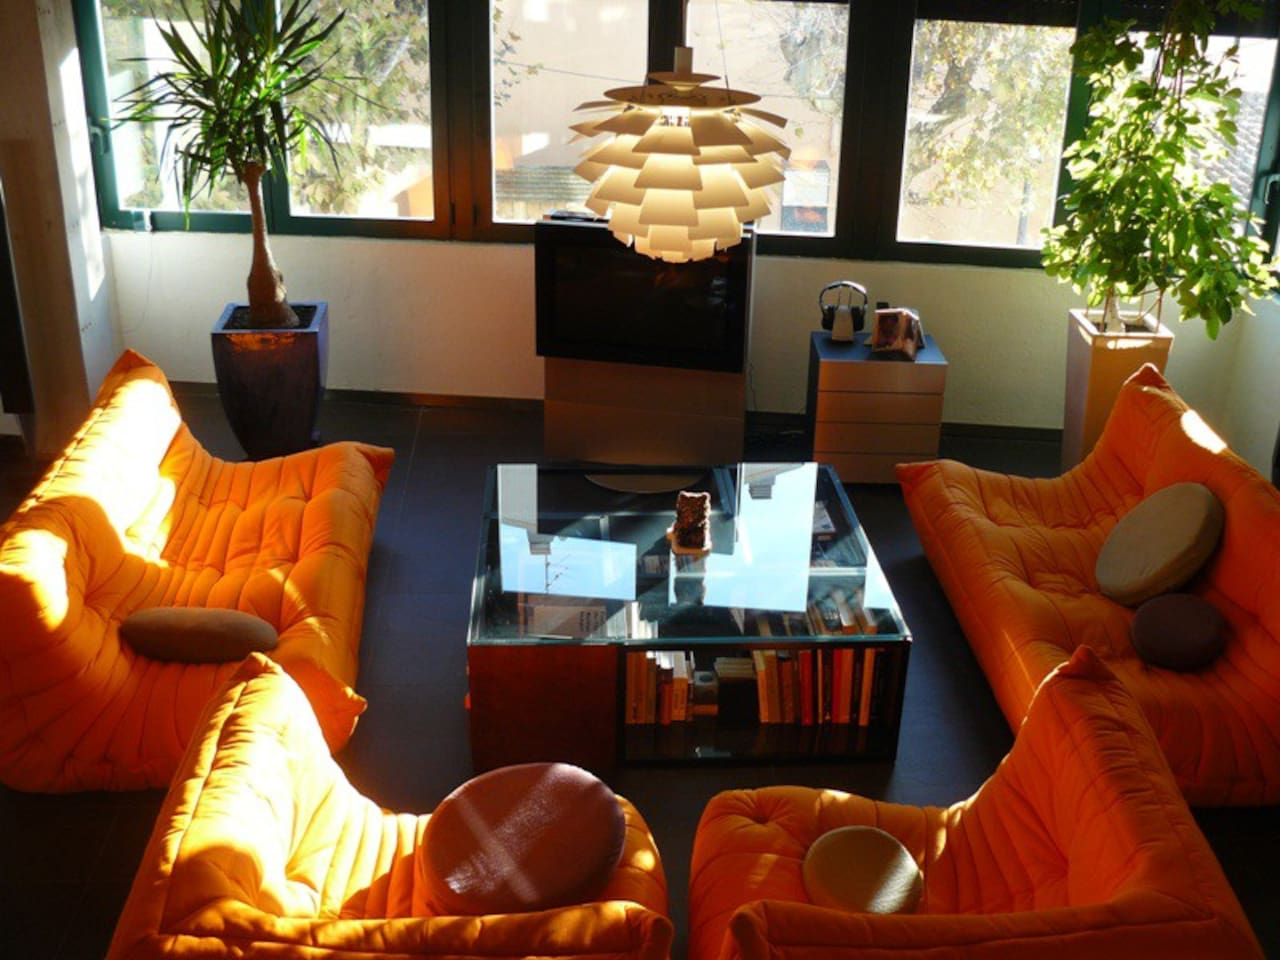 Sala d'estar- sala de estar - living room